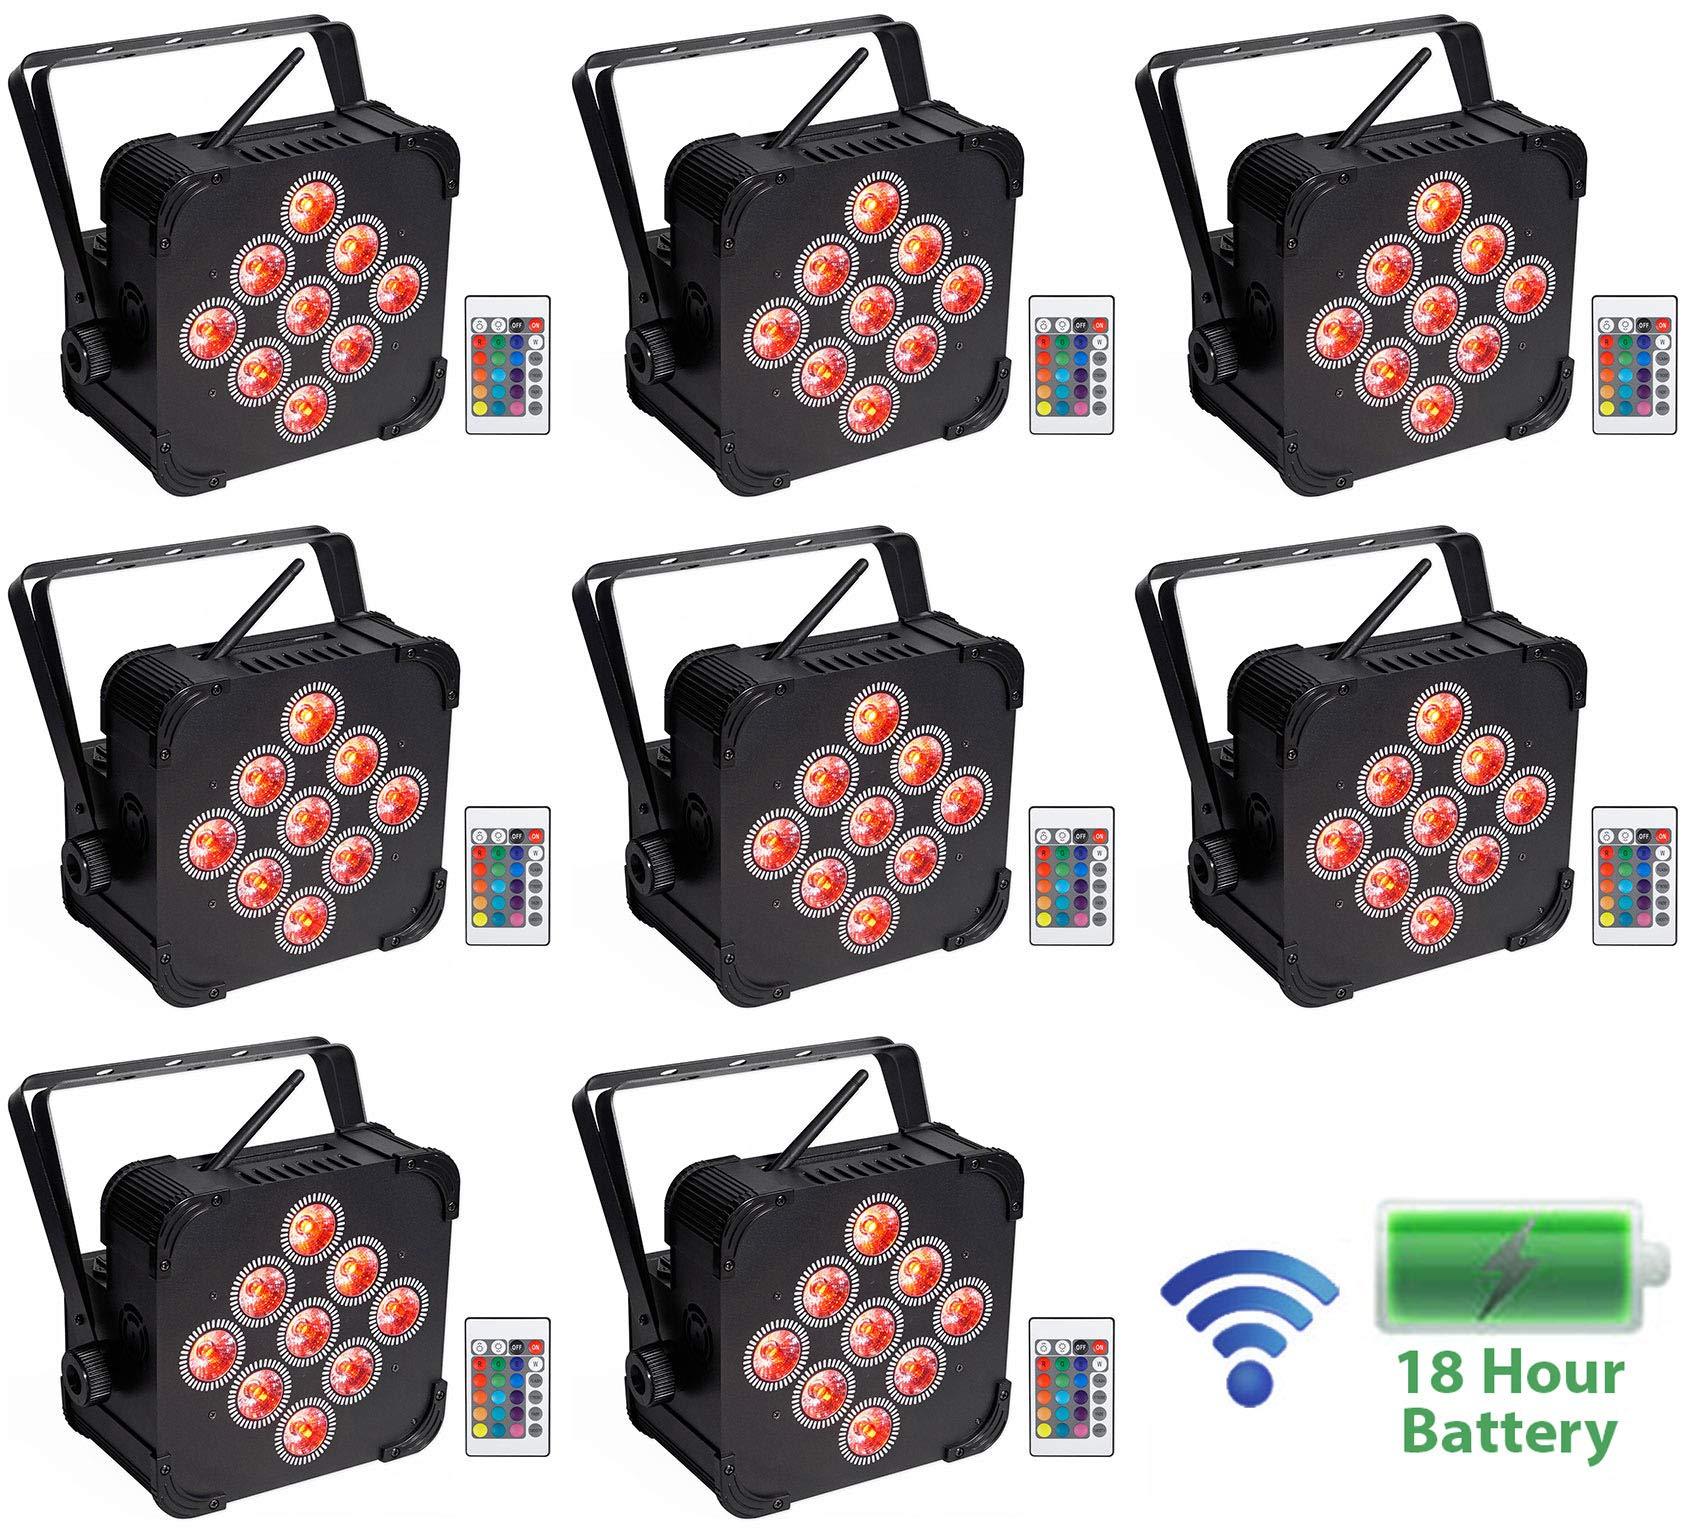 8) Rockville BEST PAR 60 Rechargeable Par Can Wash Lights wWireless DMX+RGBWA+UV by Rockville